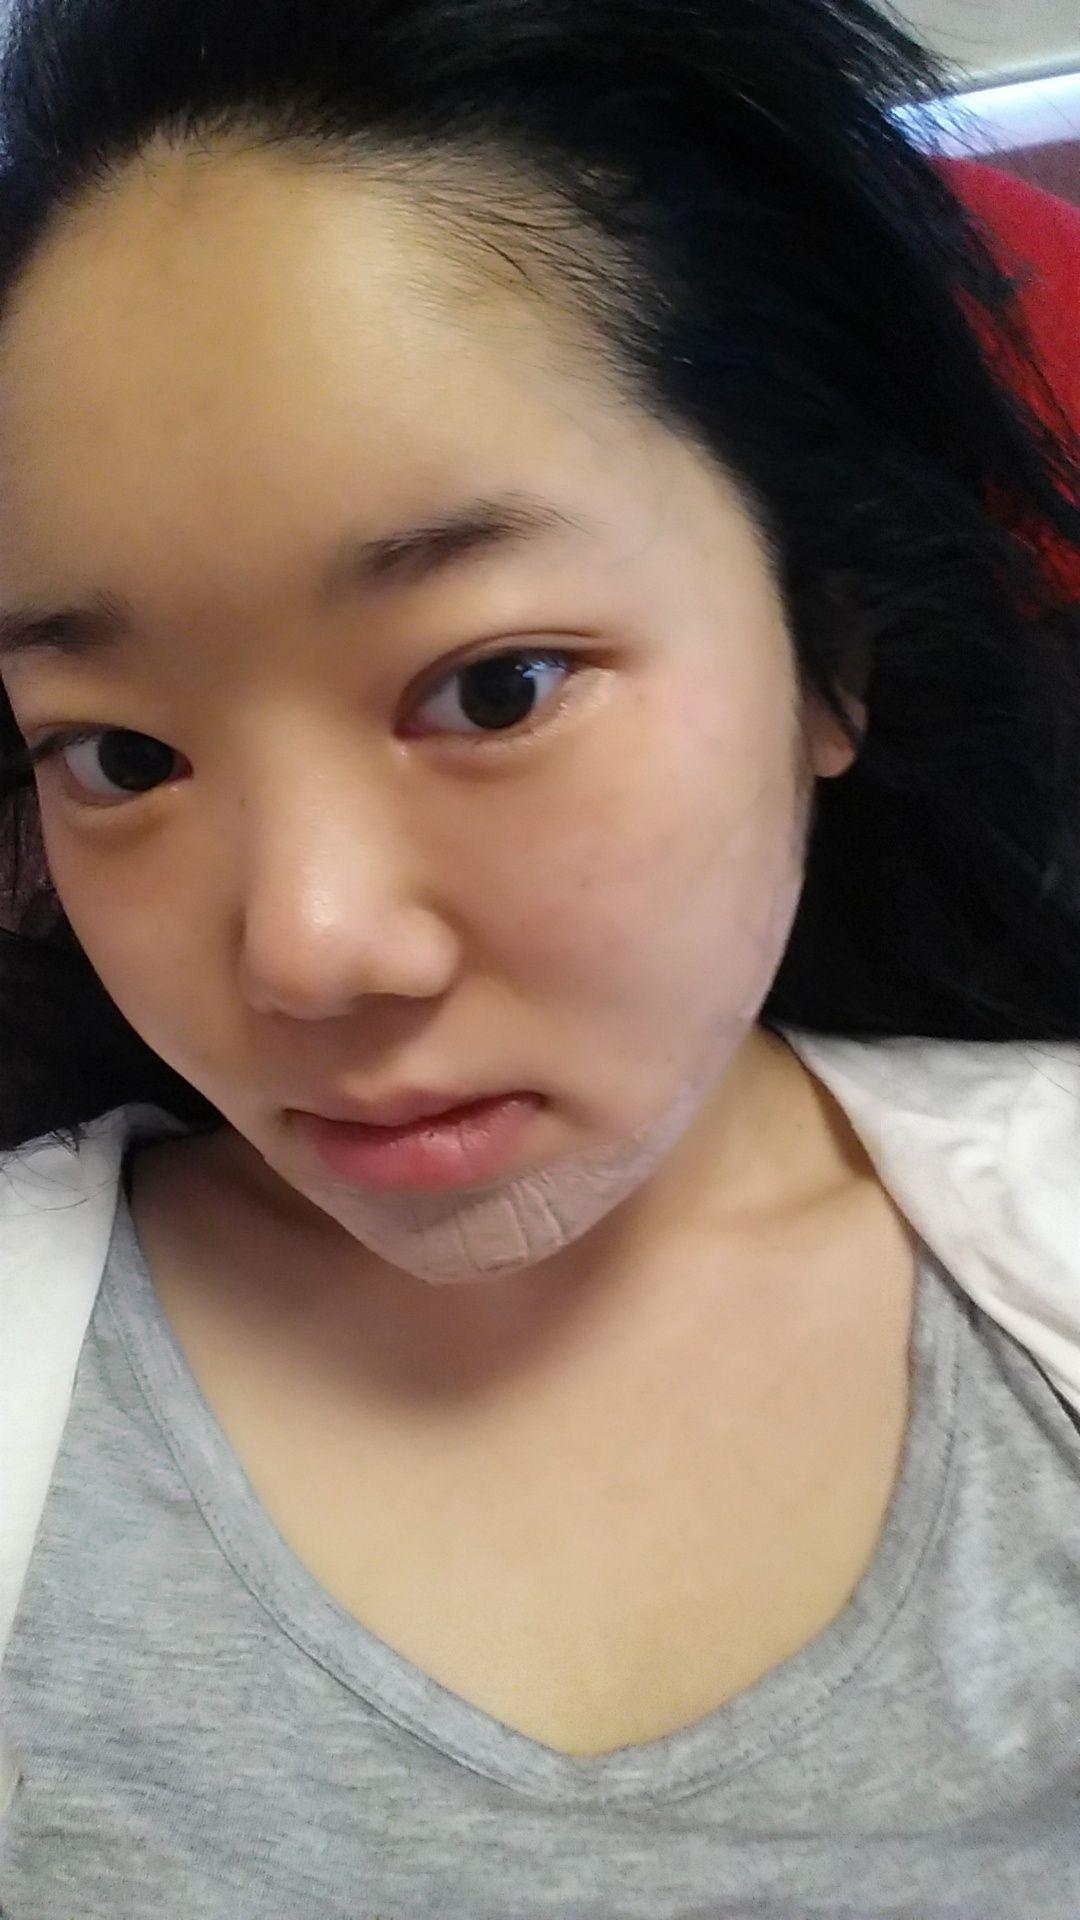 因为我一直是很臭美的女生,很爱打扮自己,爱化妆,爱自拍,但是我脸上有一个明显的缺点就是我的鼻子不好看,鼻头塌。我一直看韩剧里面的女主的那种小翘鼻非常羡慕,希望自己能有这样的鼻子,就算没有微翘的俏皮感,至少也不能是塌的。